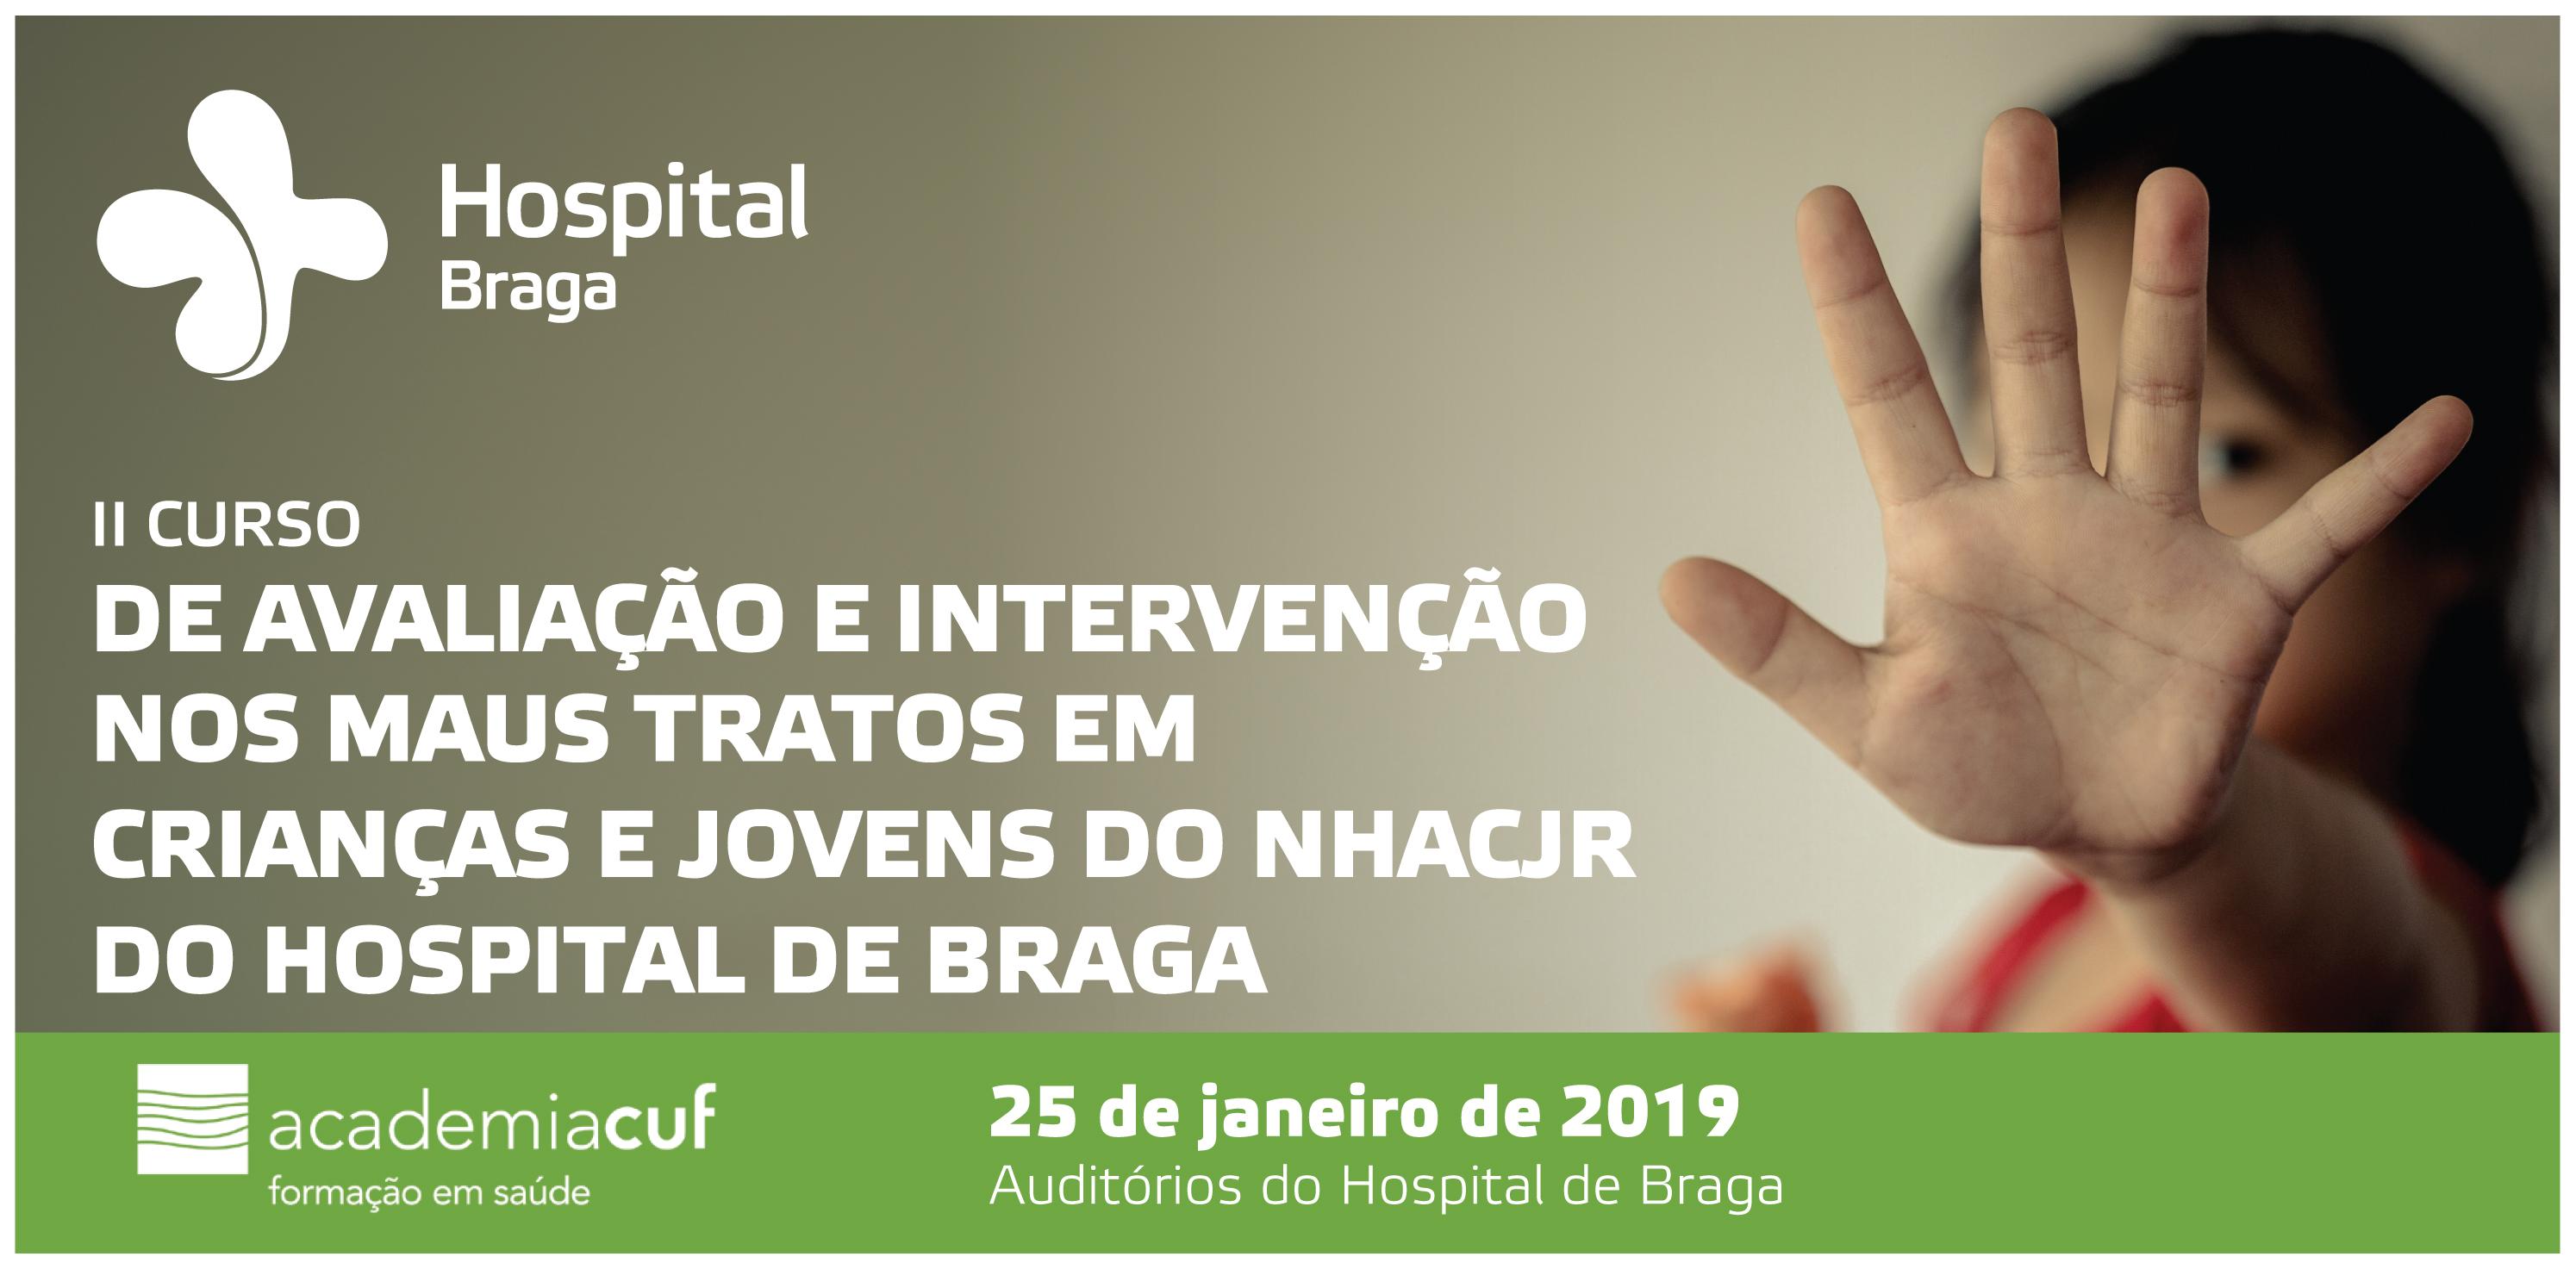 hospital-de-braga-II Curso de Avaliação e Intervenção nos Maus Tratos em Crianças e Jovens do NHACJR do Hospital de Braga